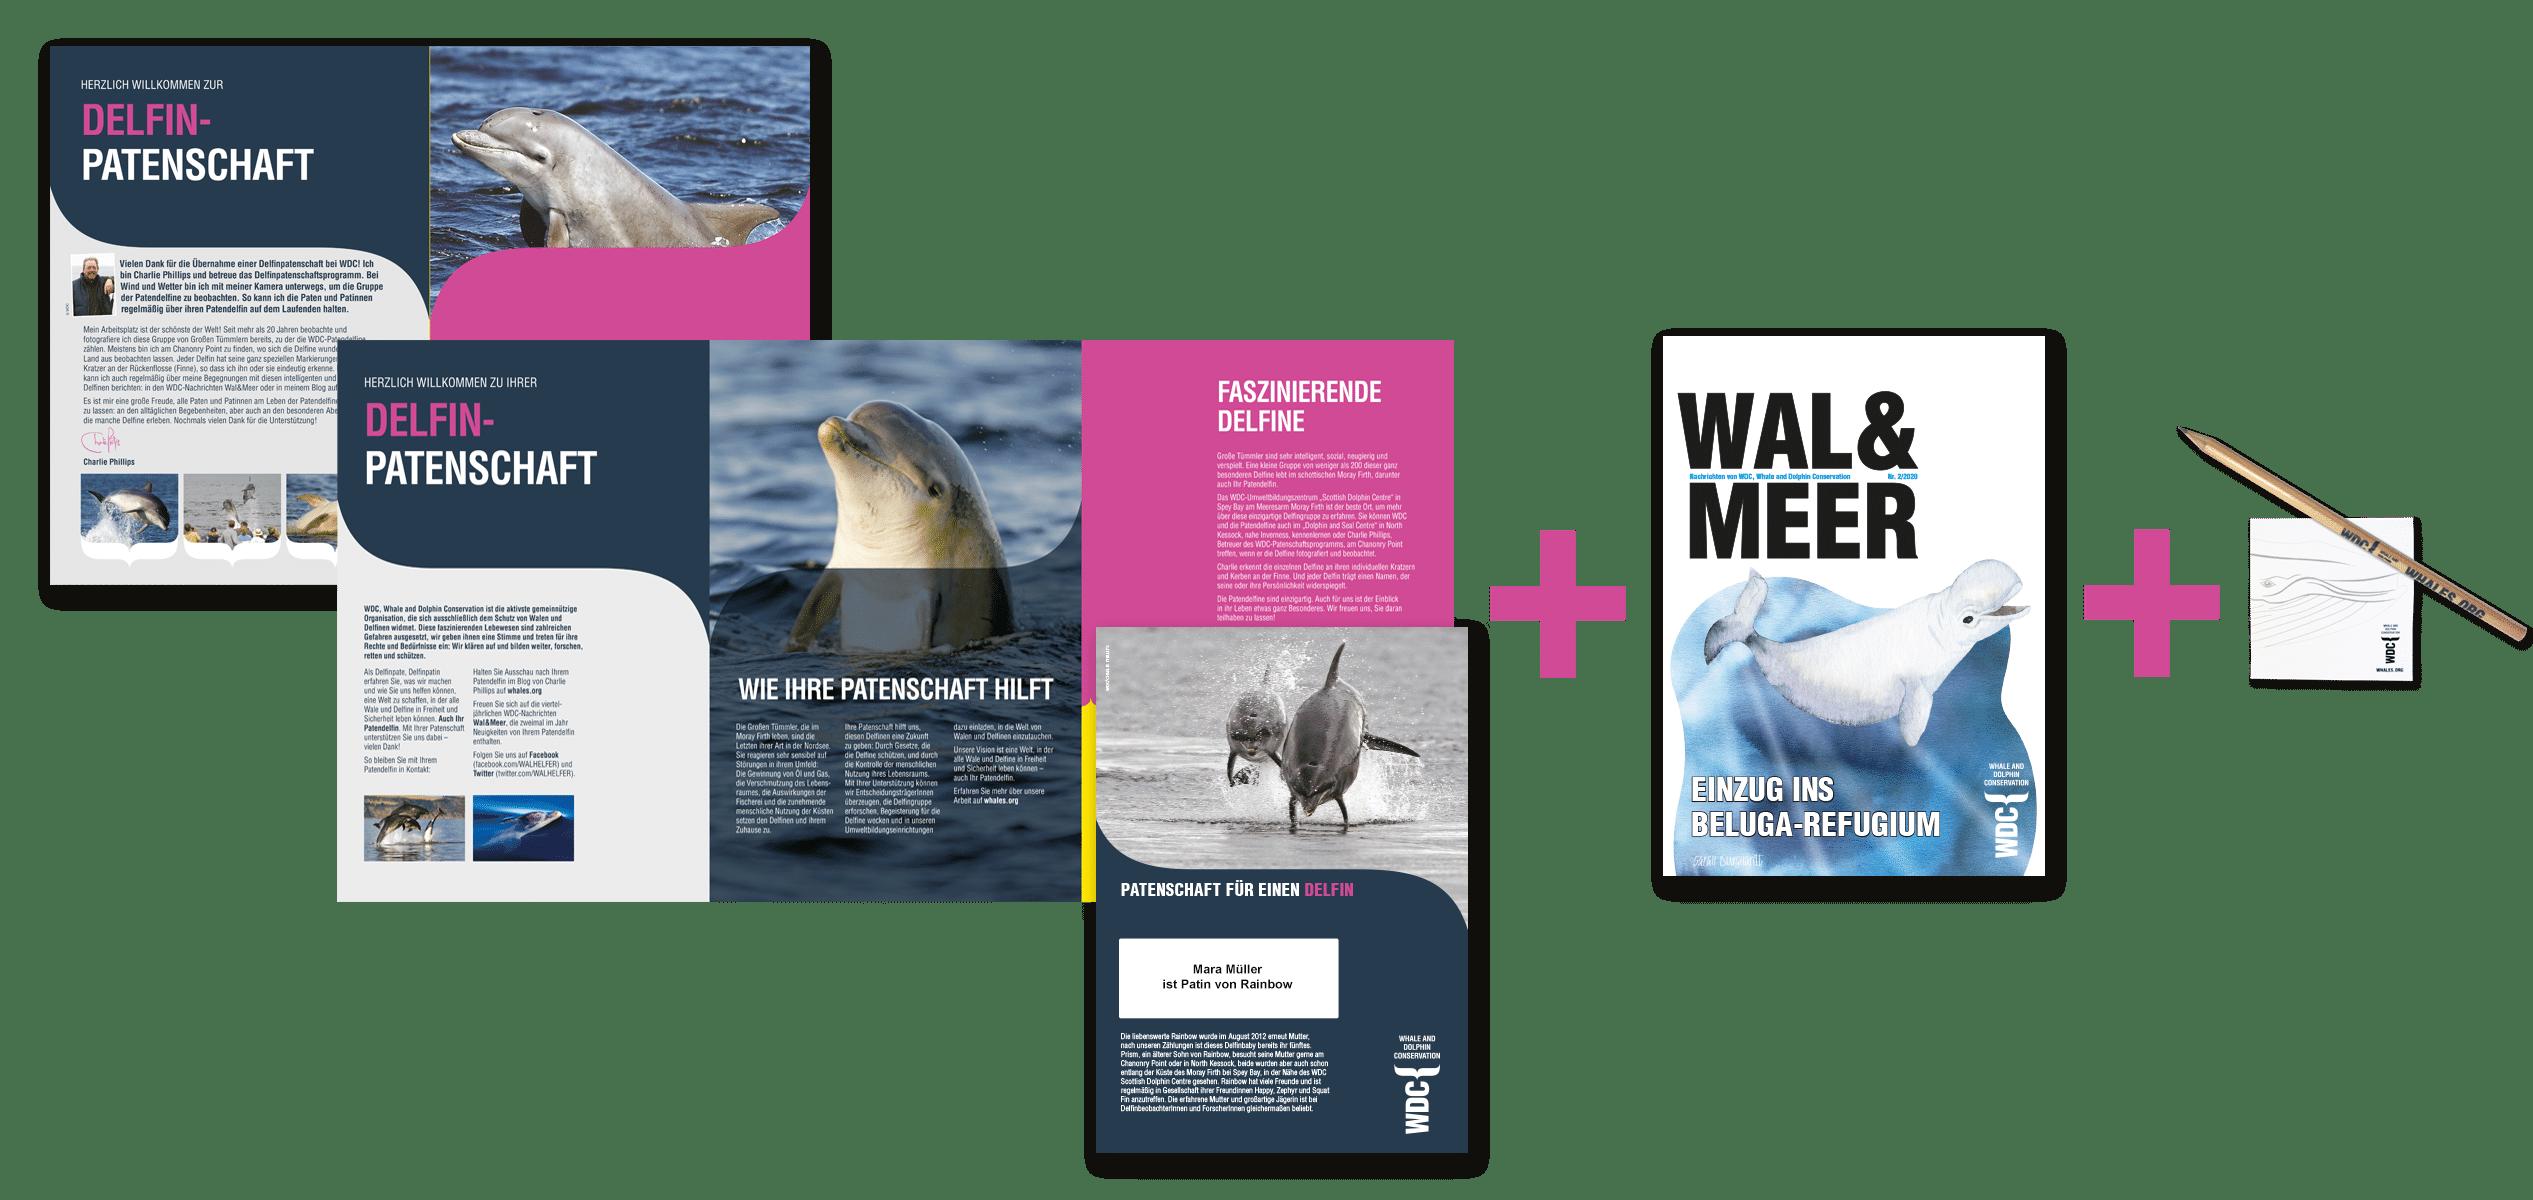 Patenschaftspaket Delfin